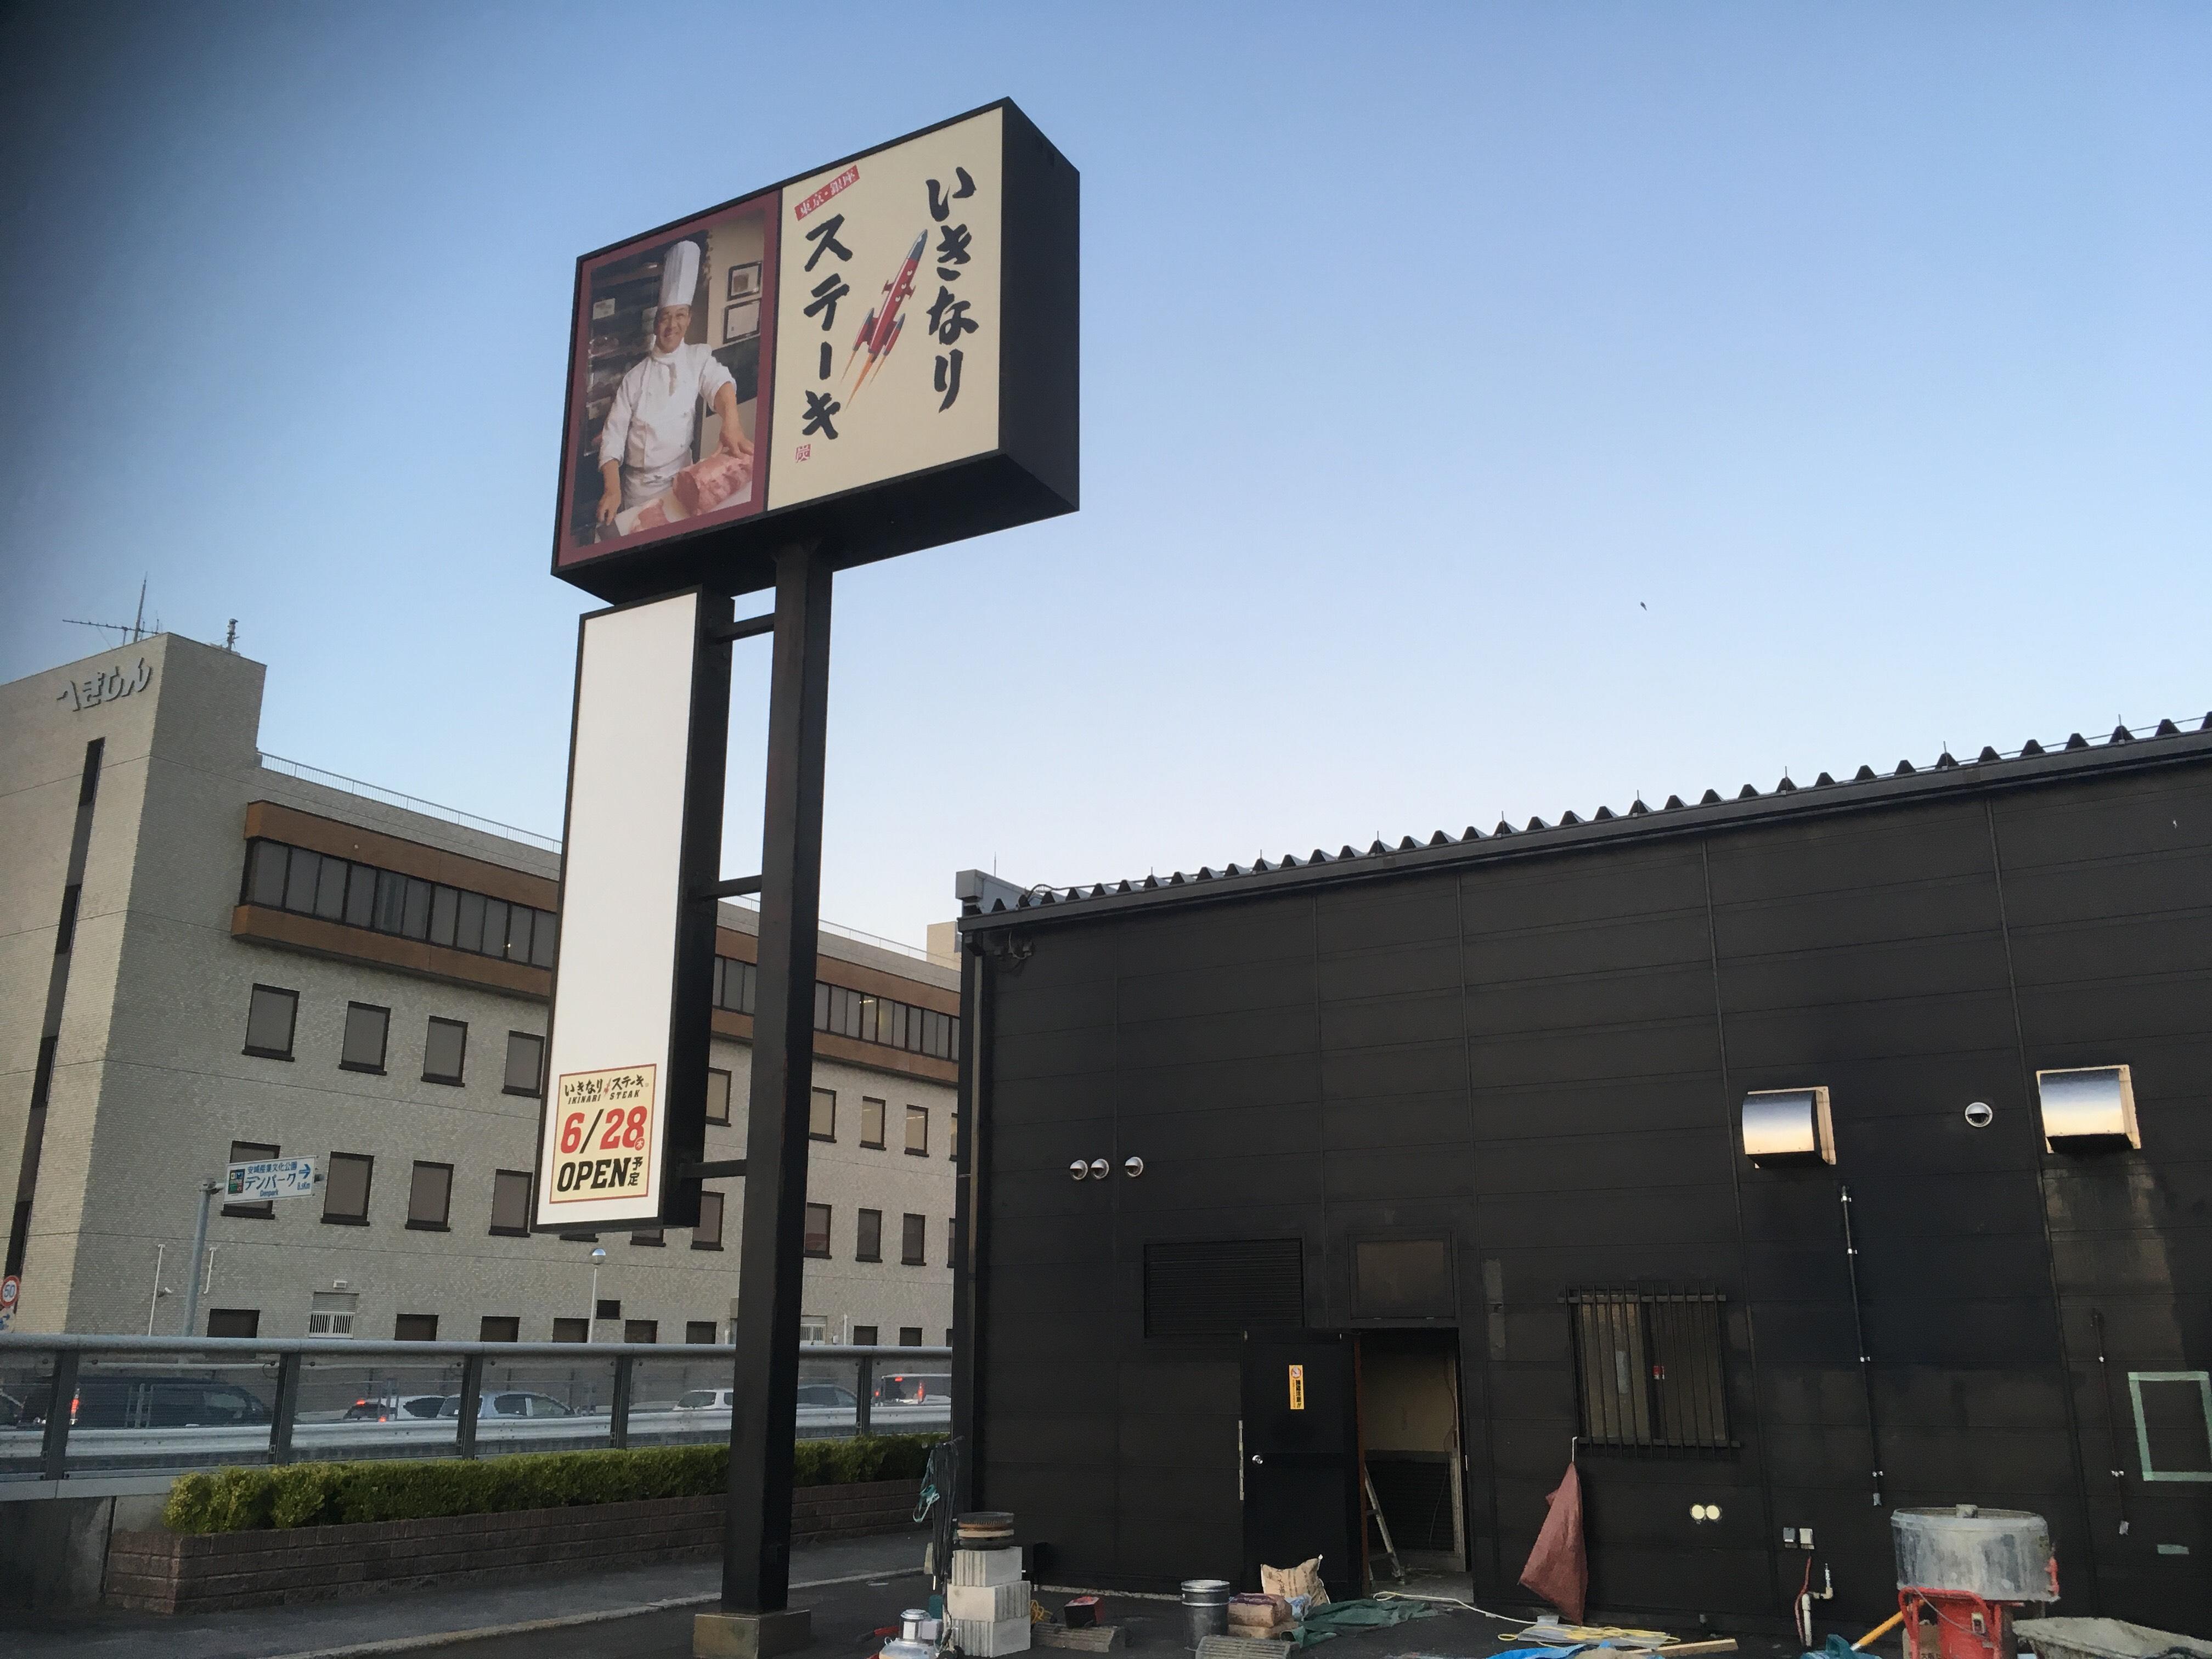 ステーキ 閉店 愛知 県 いきなり